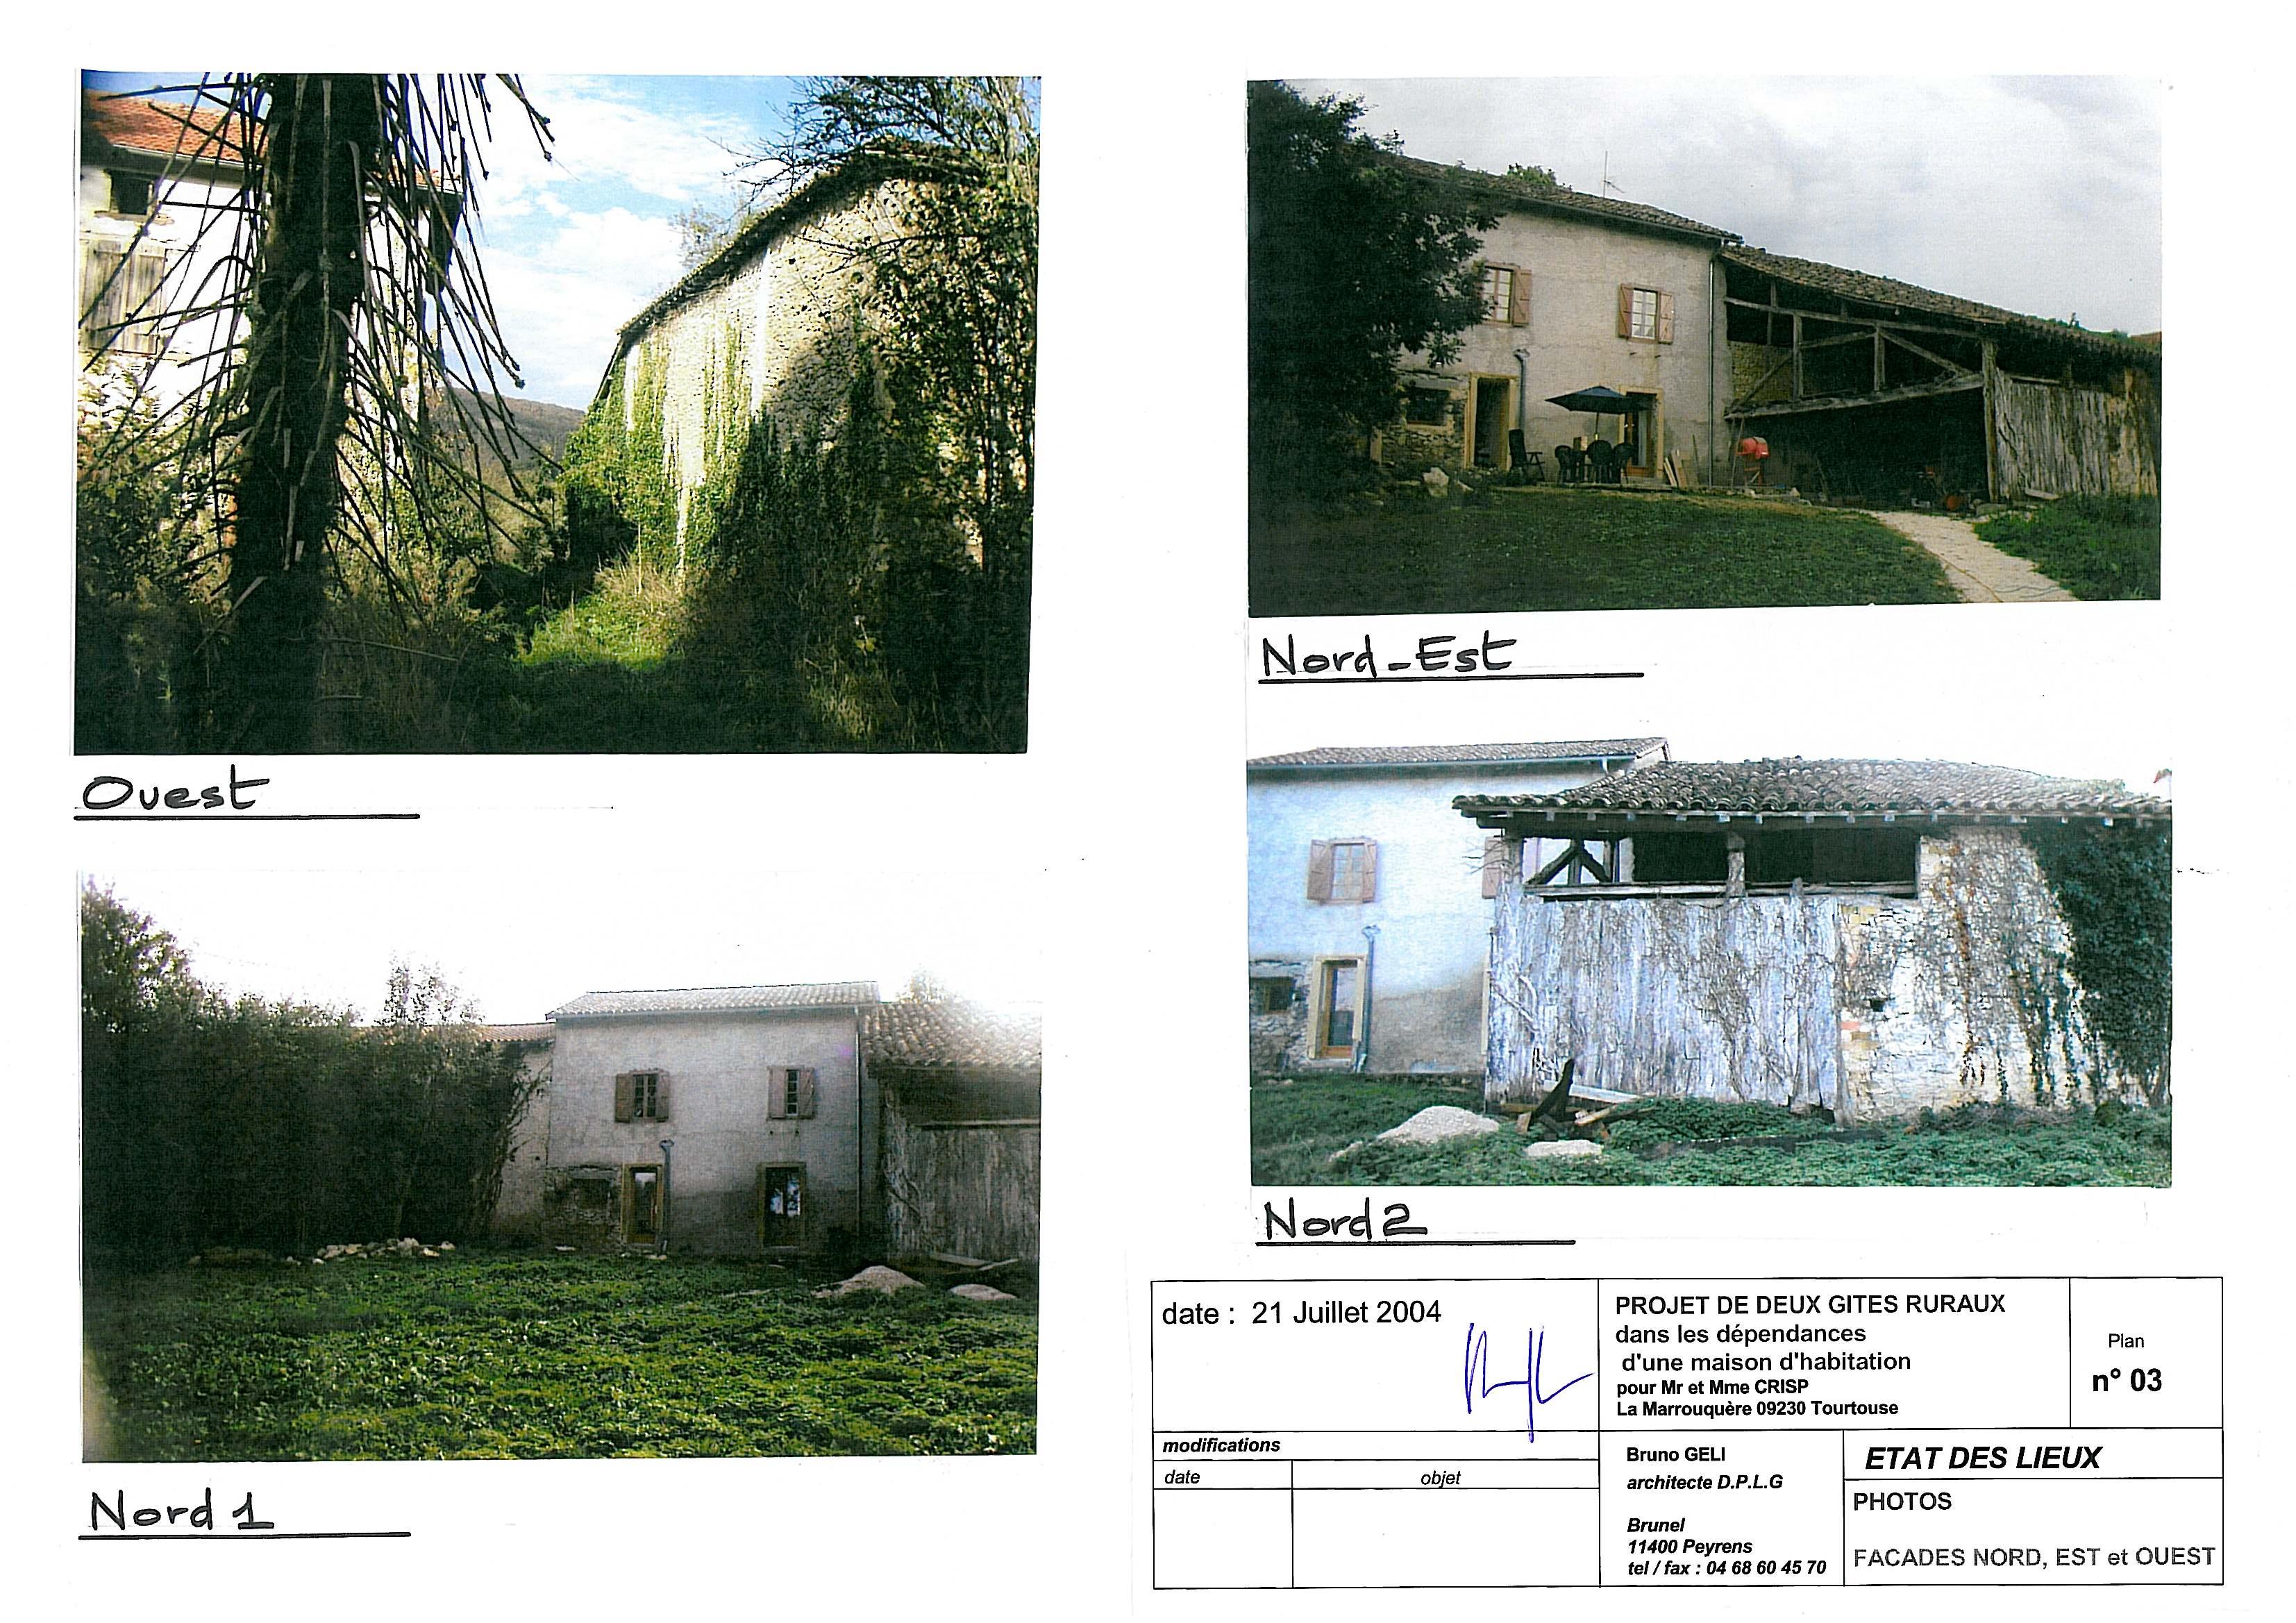 Etat des lieux, photos autres façades